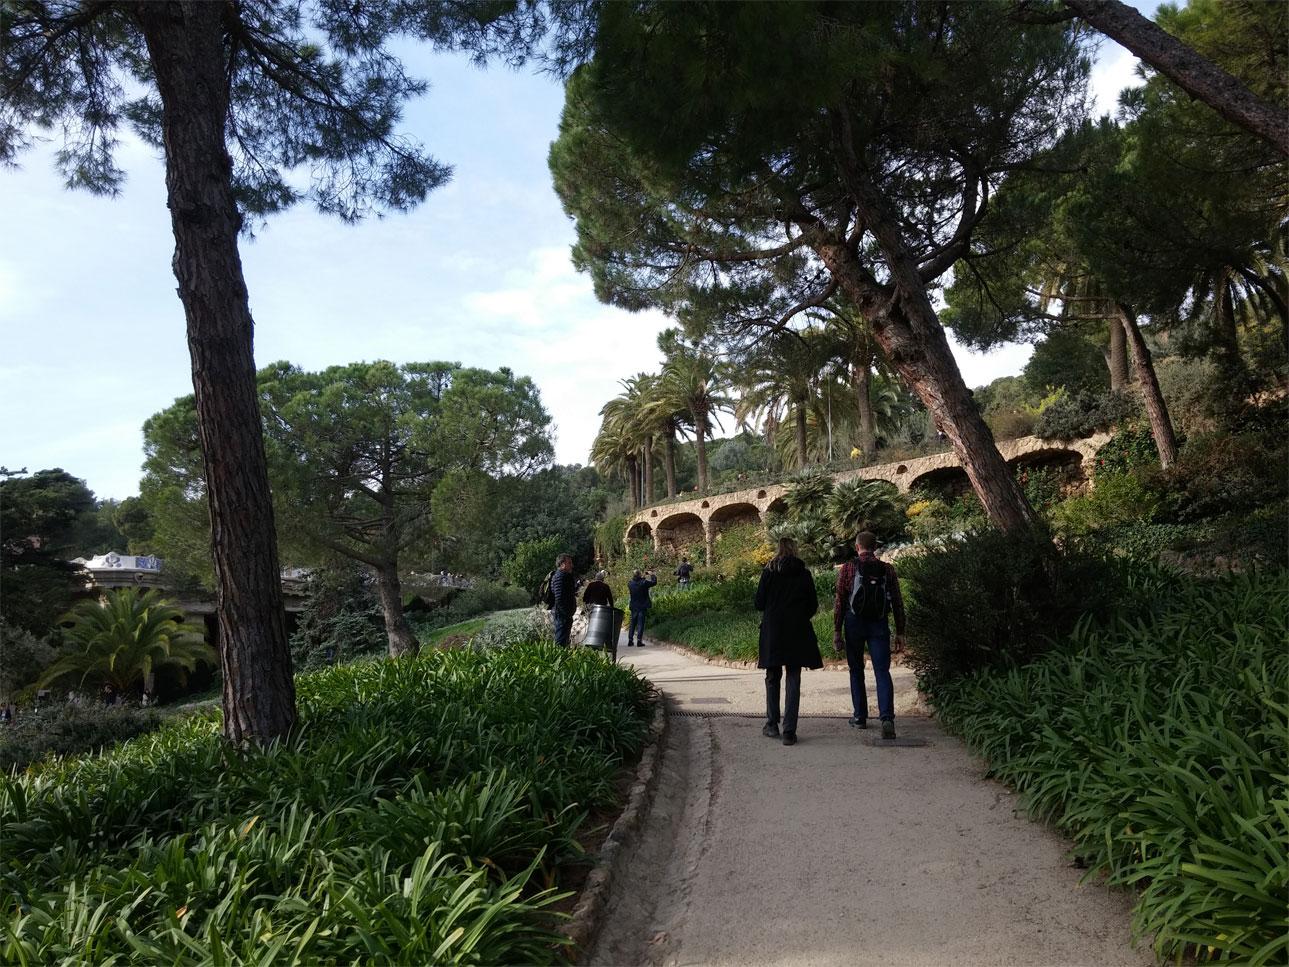 סופשבוע זוגי בברצלונה, בלוג רונית כפיר. פארק גואל